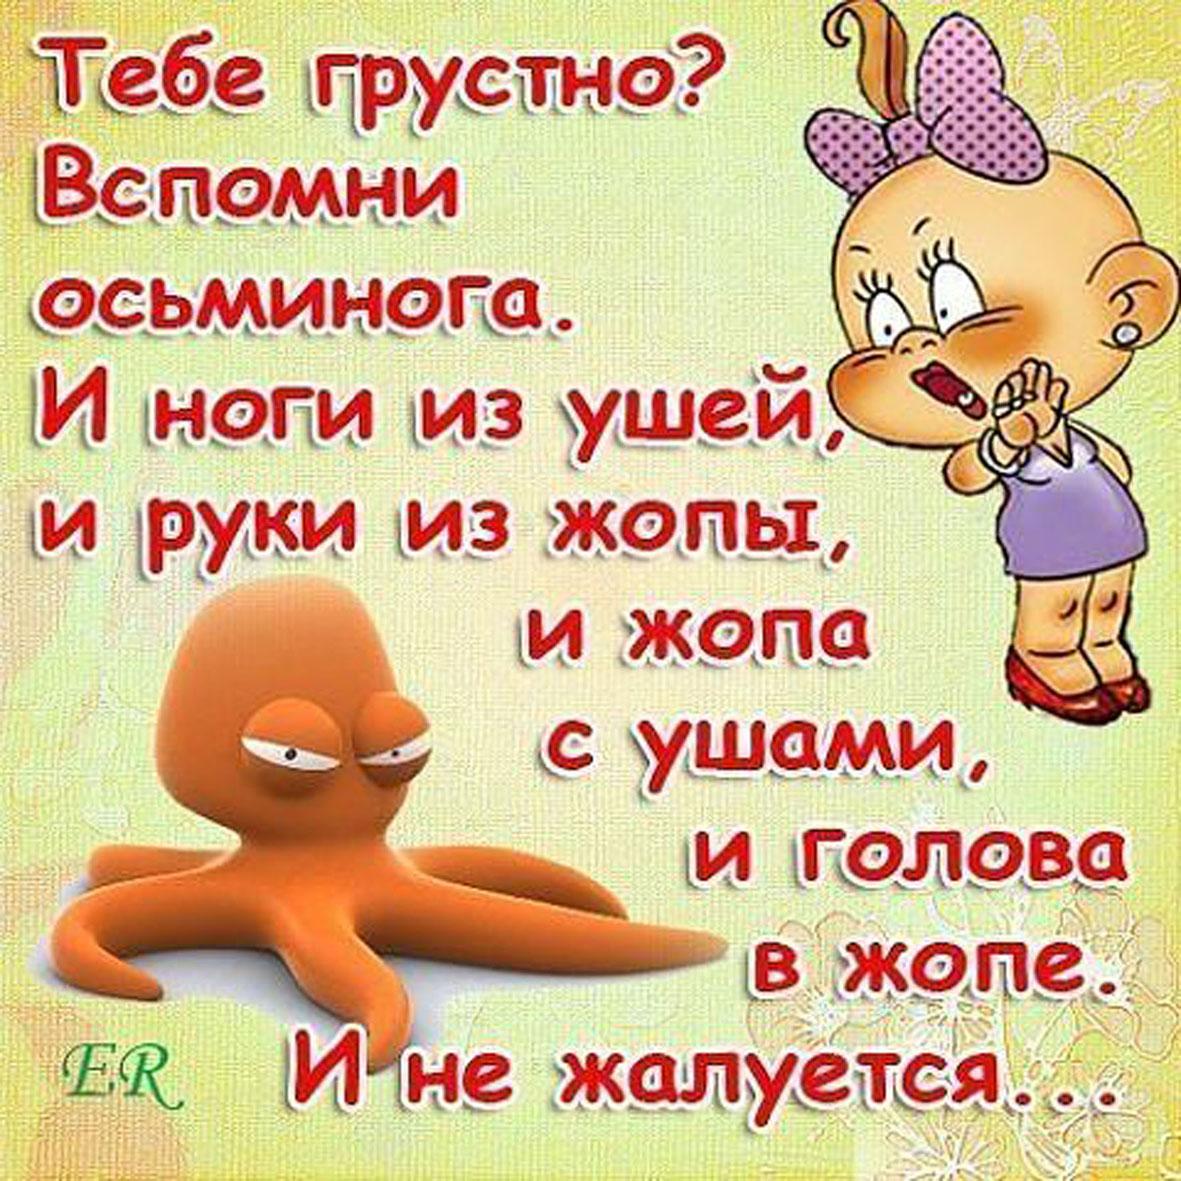 http://xn--80aaleqhbkbz7ak6l.xn--p1ai/uploads/images/t/e/b/tebja_veseluu_tebja_pechalnuu.jpg